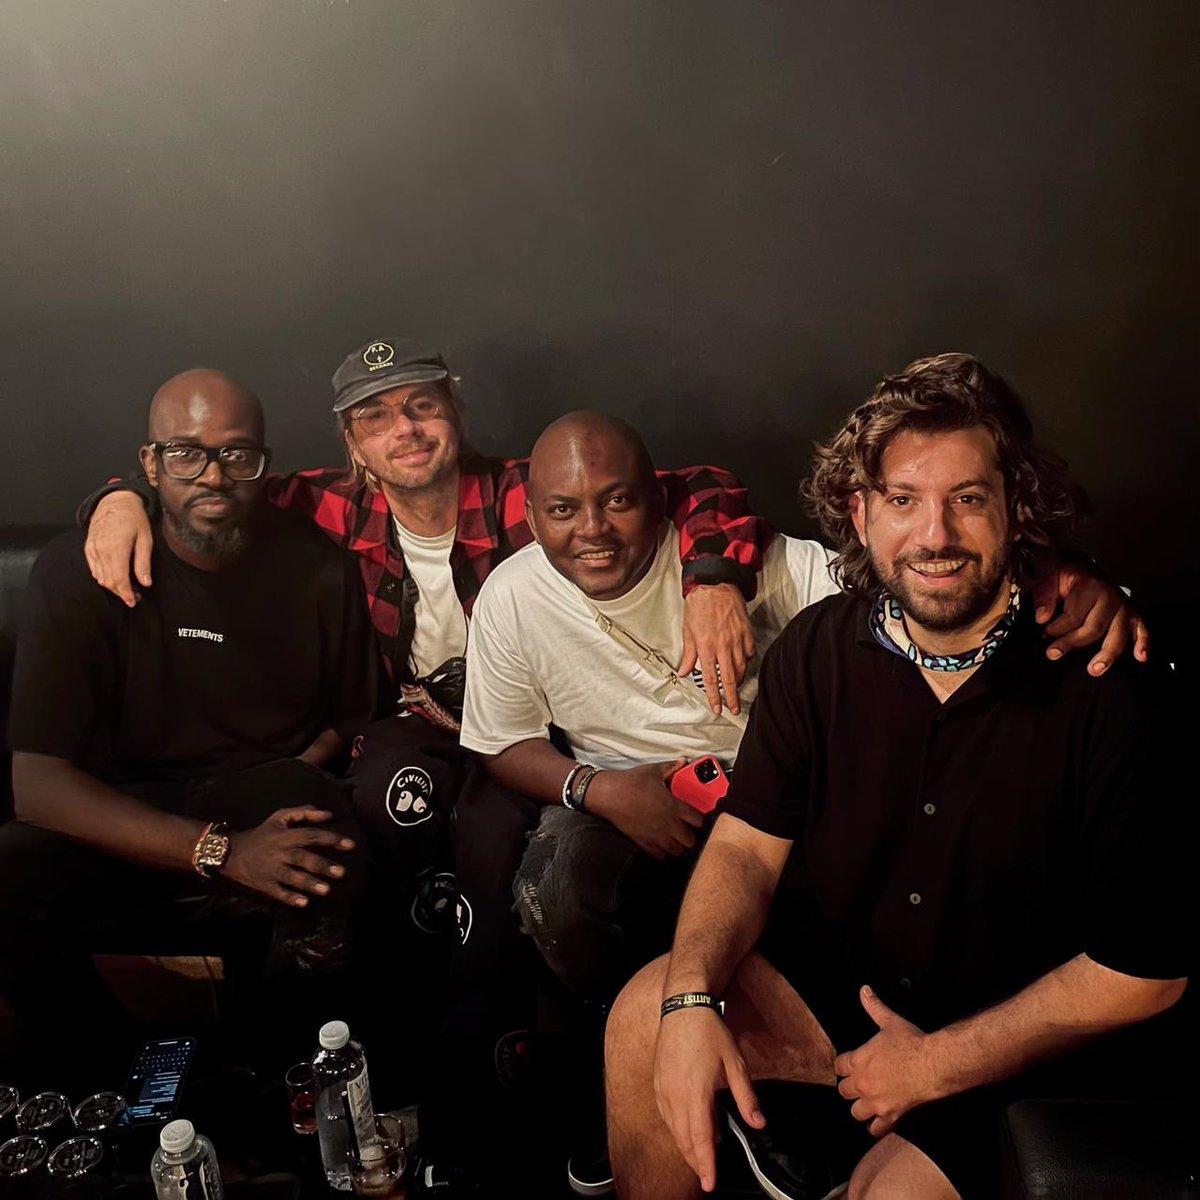 SNL with boys #WhereisThemba❓